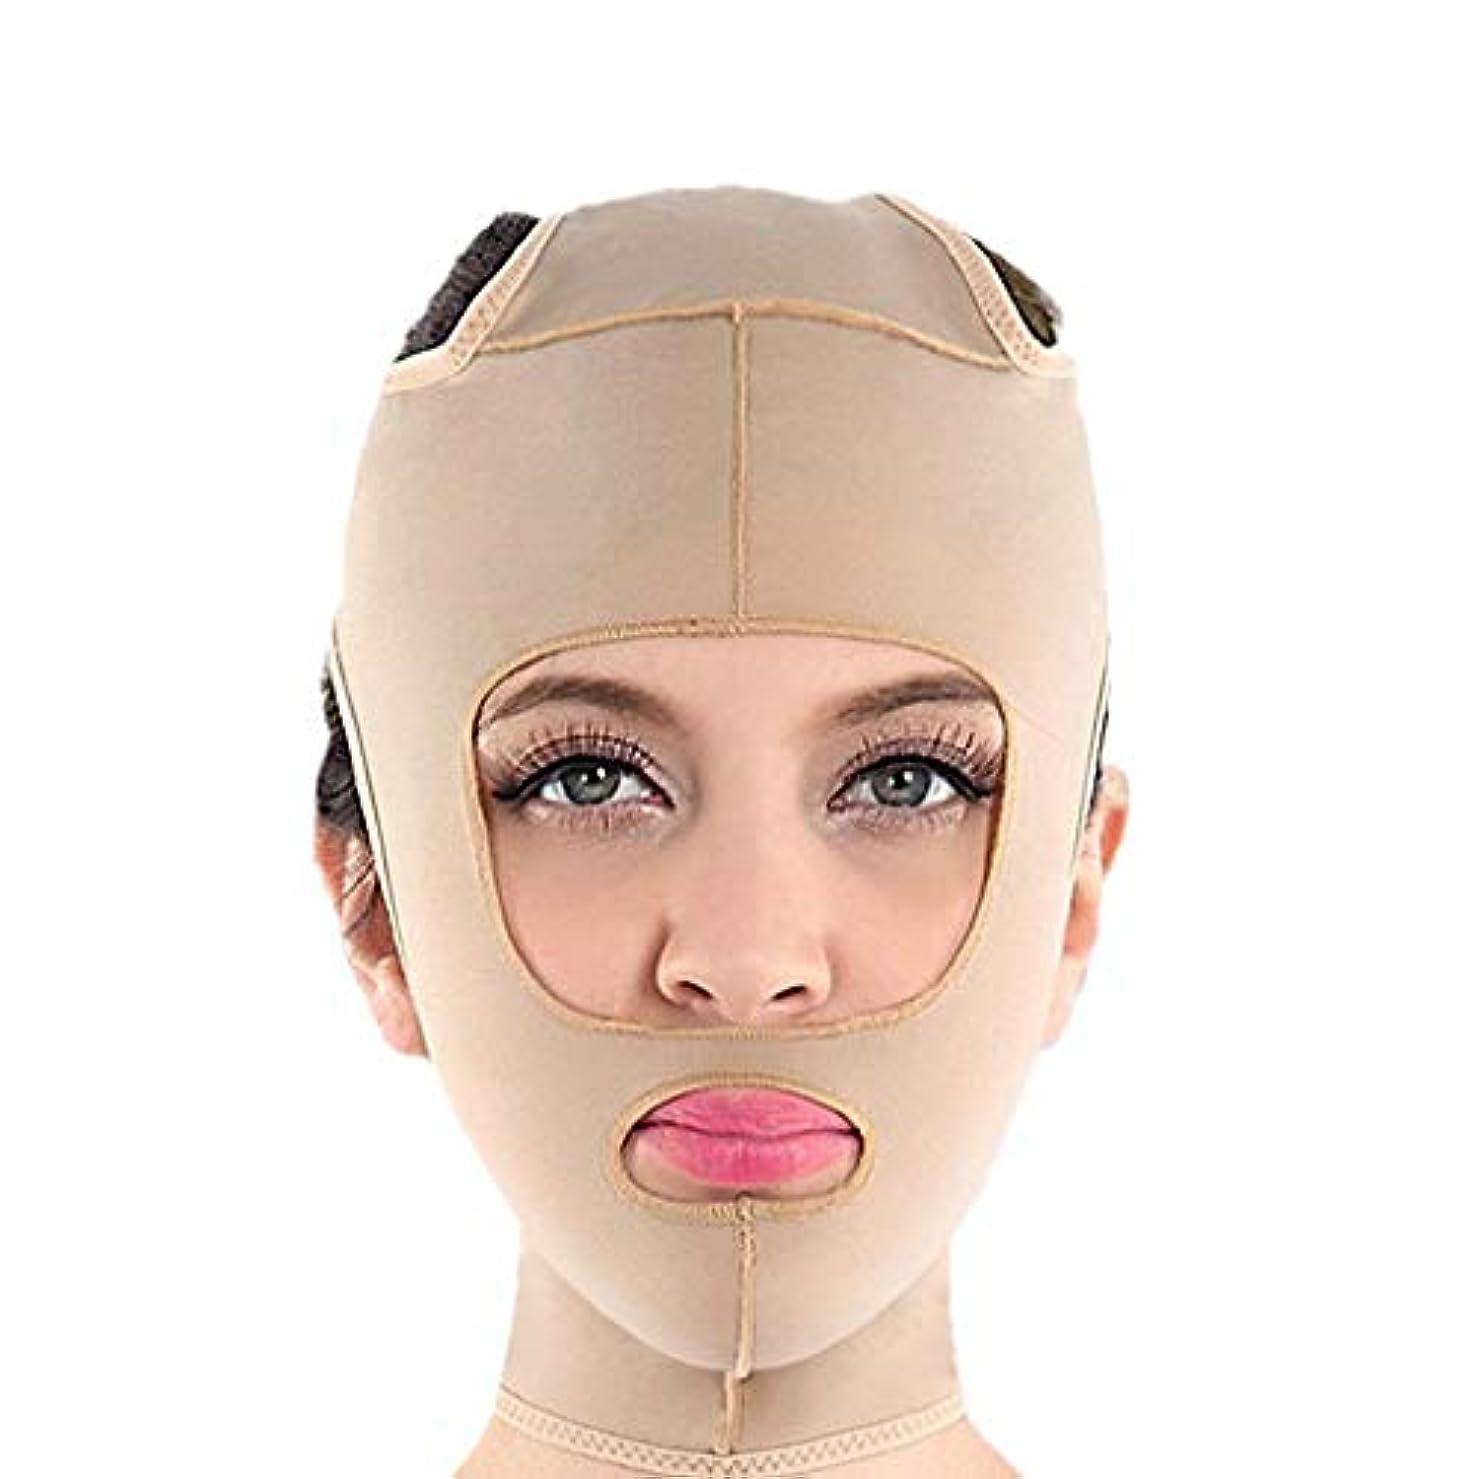 友だちけん引世界に死んだフェイスリフティング、ダブルチンストラップ、フェイシャル減量マスク、ダブルチンを減らすリフティングヌードル、ファーミングフェイス、パワフルリフティングマスク(サイズ:M),ザ?